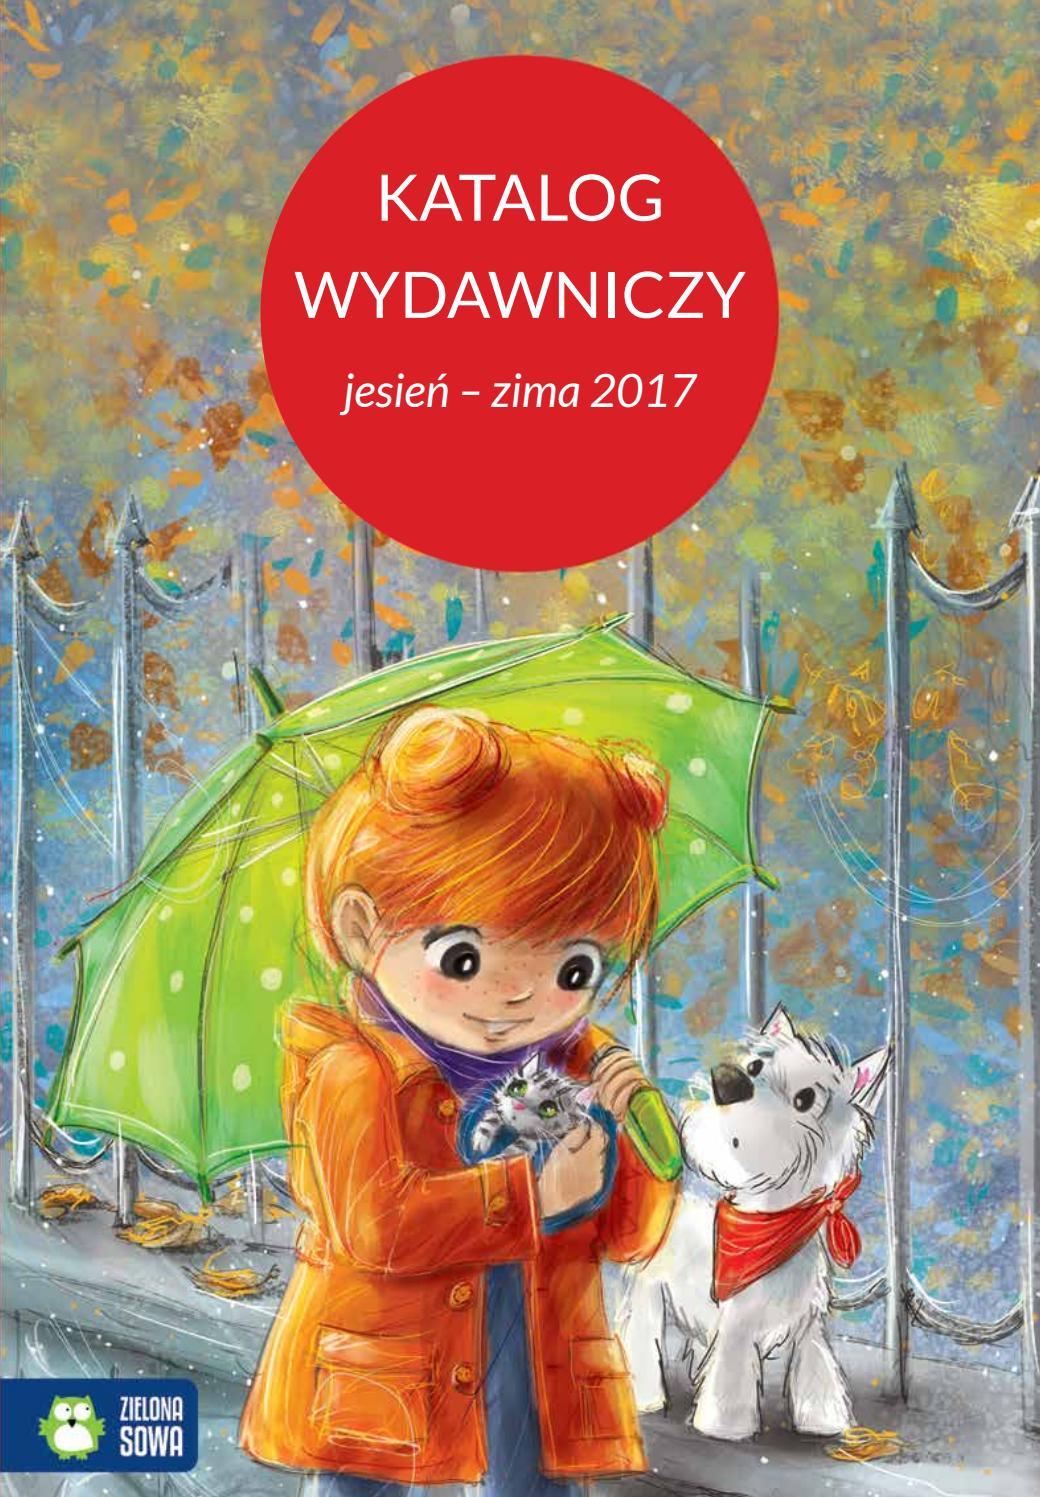 Katalog Wydawniczy Jesień Zima 2017 By Zielonasowa Issuu